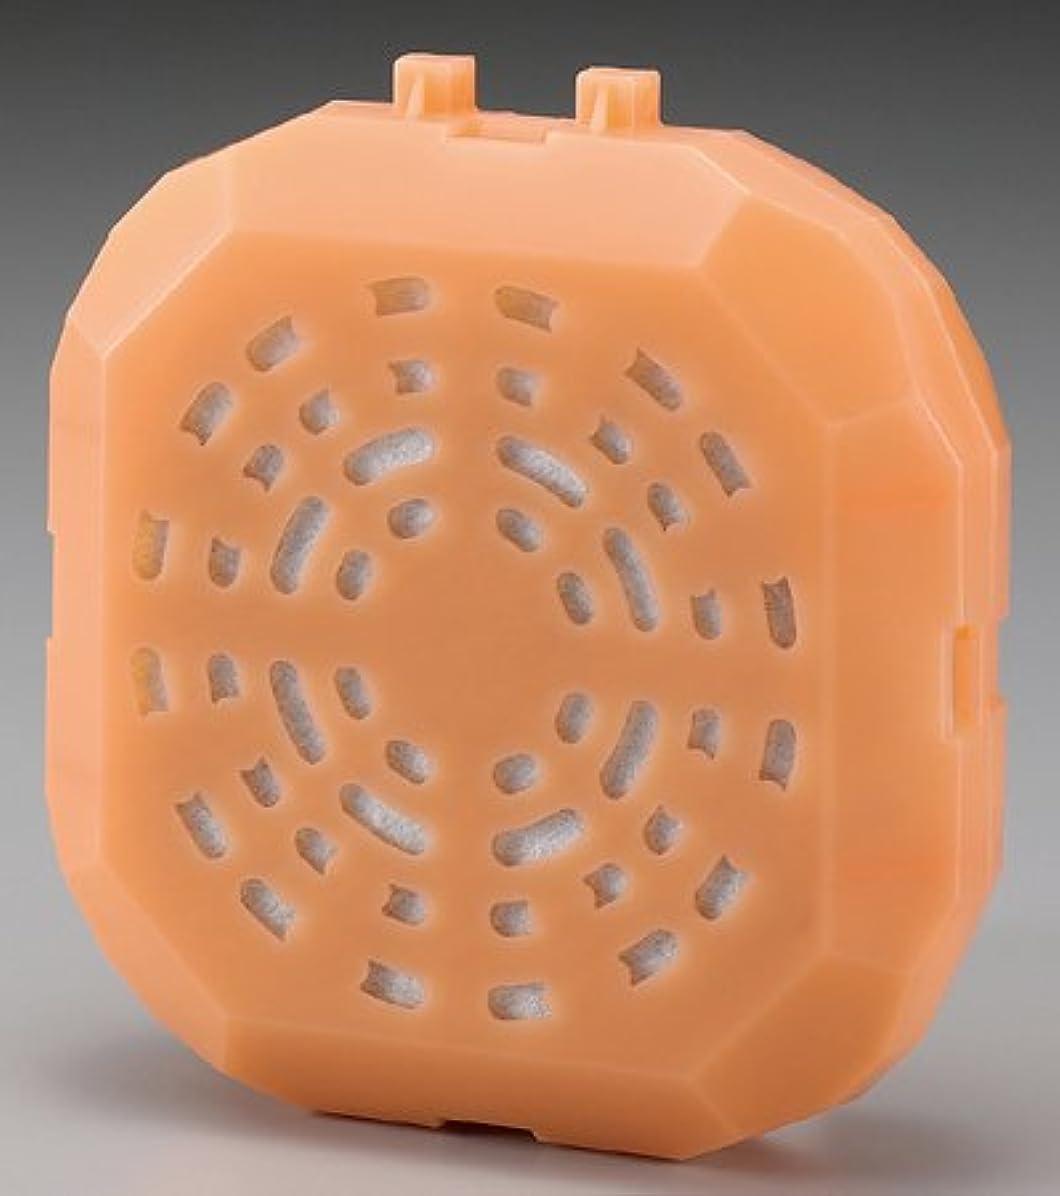 愛されし者収穫設計ゲルマセラ温浴器 スパエステ 75260